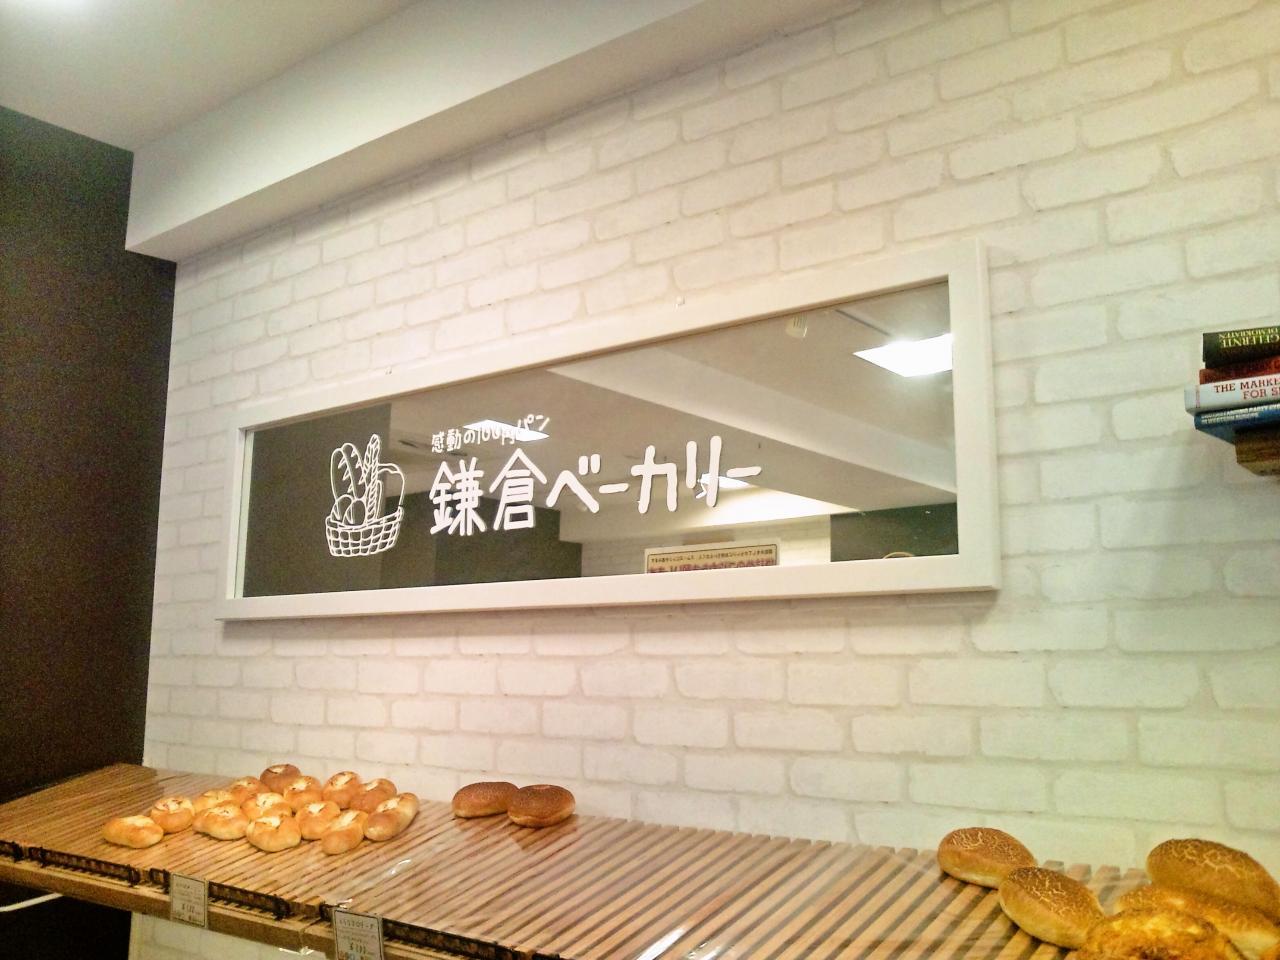 鎌倉ベーカリー相模大野店(店内)